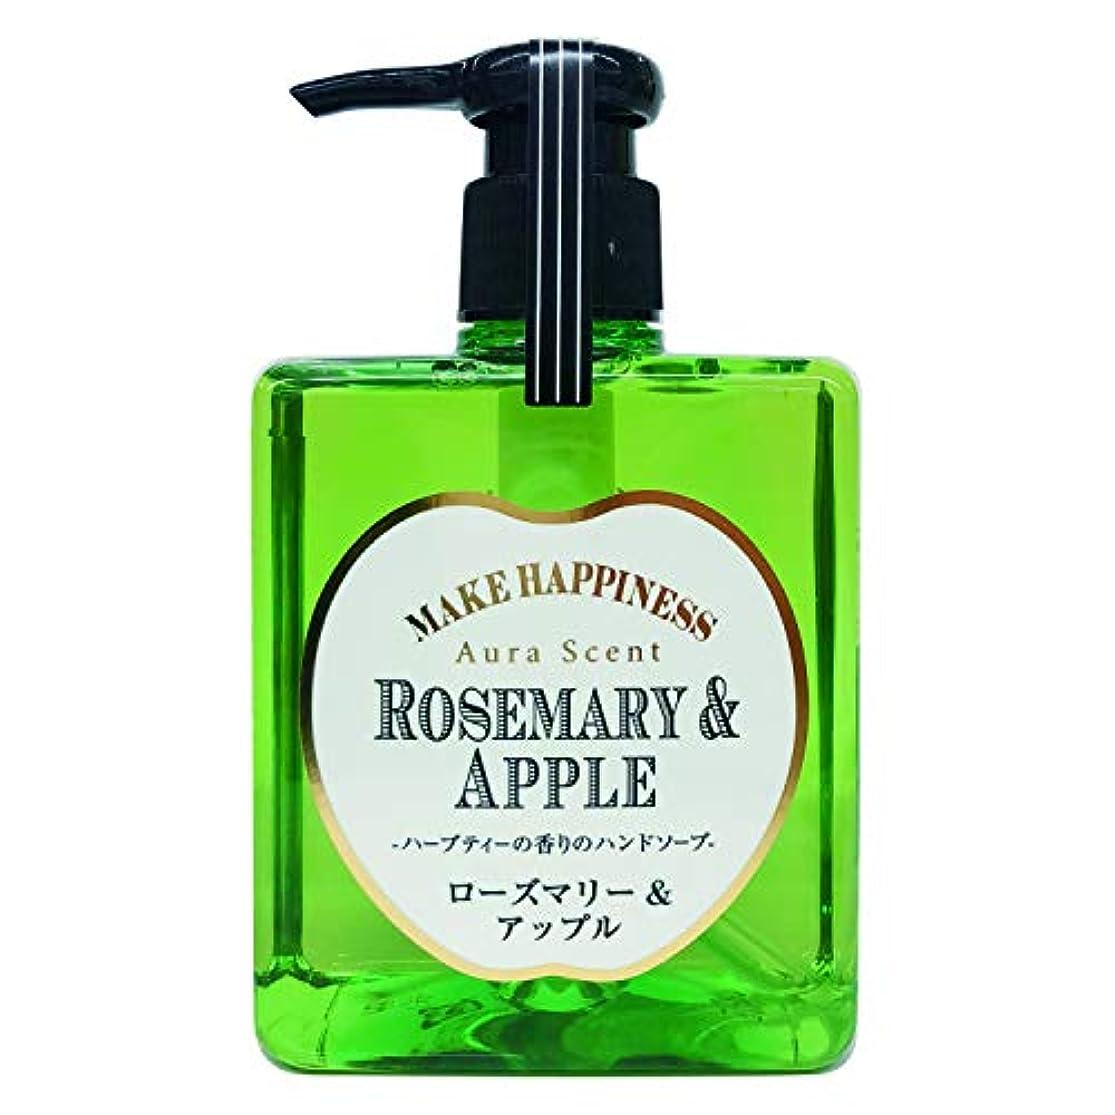 バスピアギャロップペリカン石鹸 オーラセント ハンドソープローズマリー&アップル 300ml